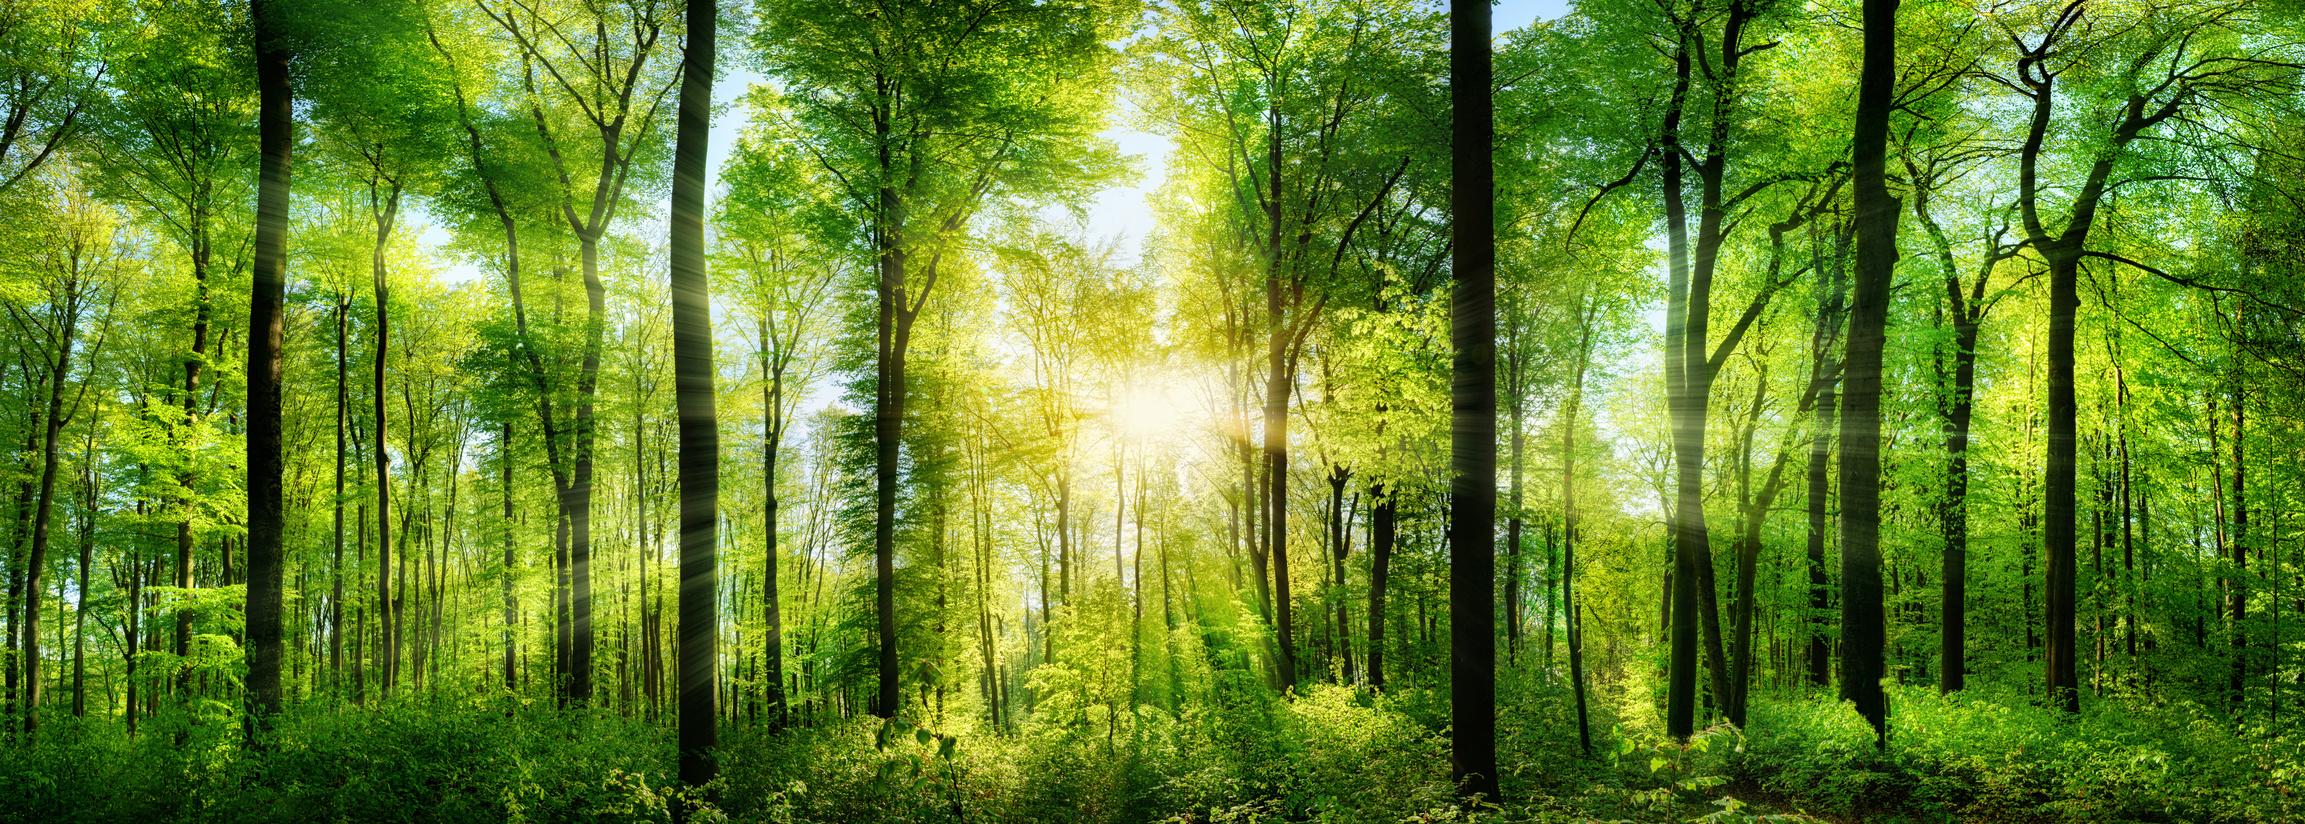 Wald Panorama mit Sonnenstrahlen